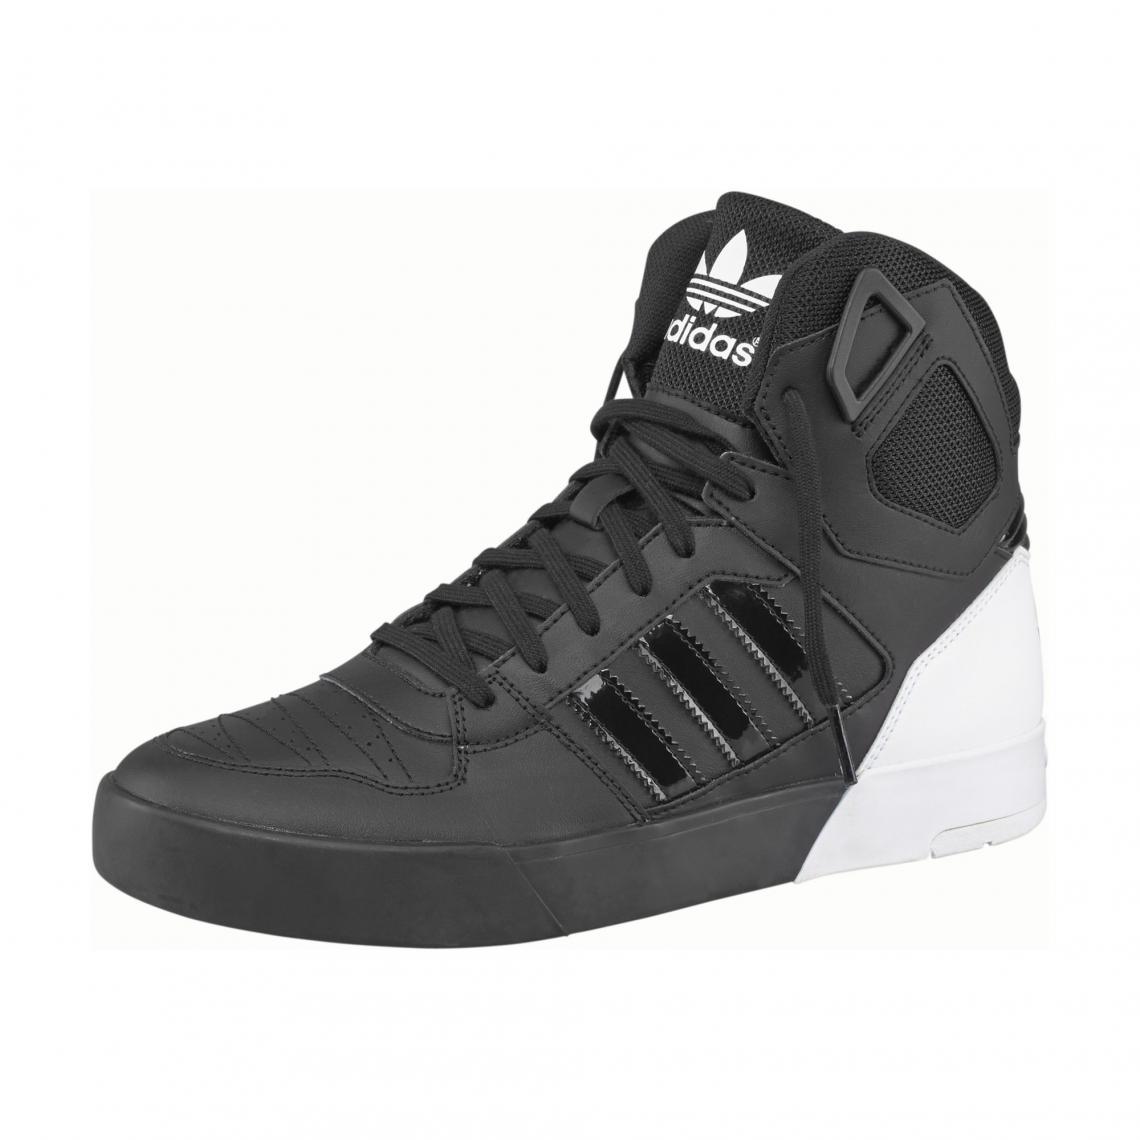 sélection premium cbf82 de781 Baskets adidas Originals Spectra - Noir | 3 SUISSES